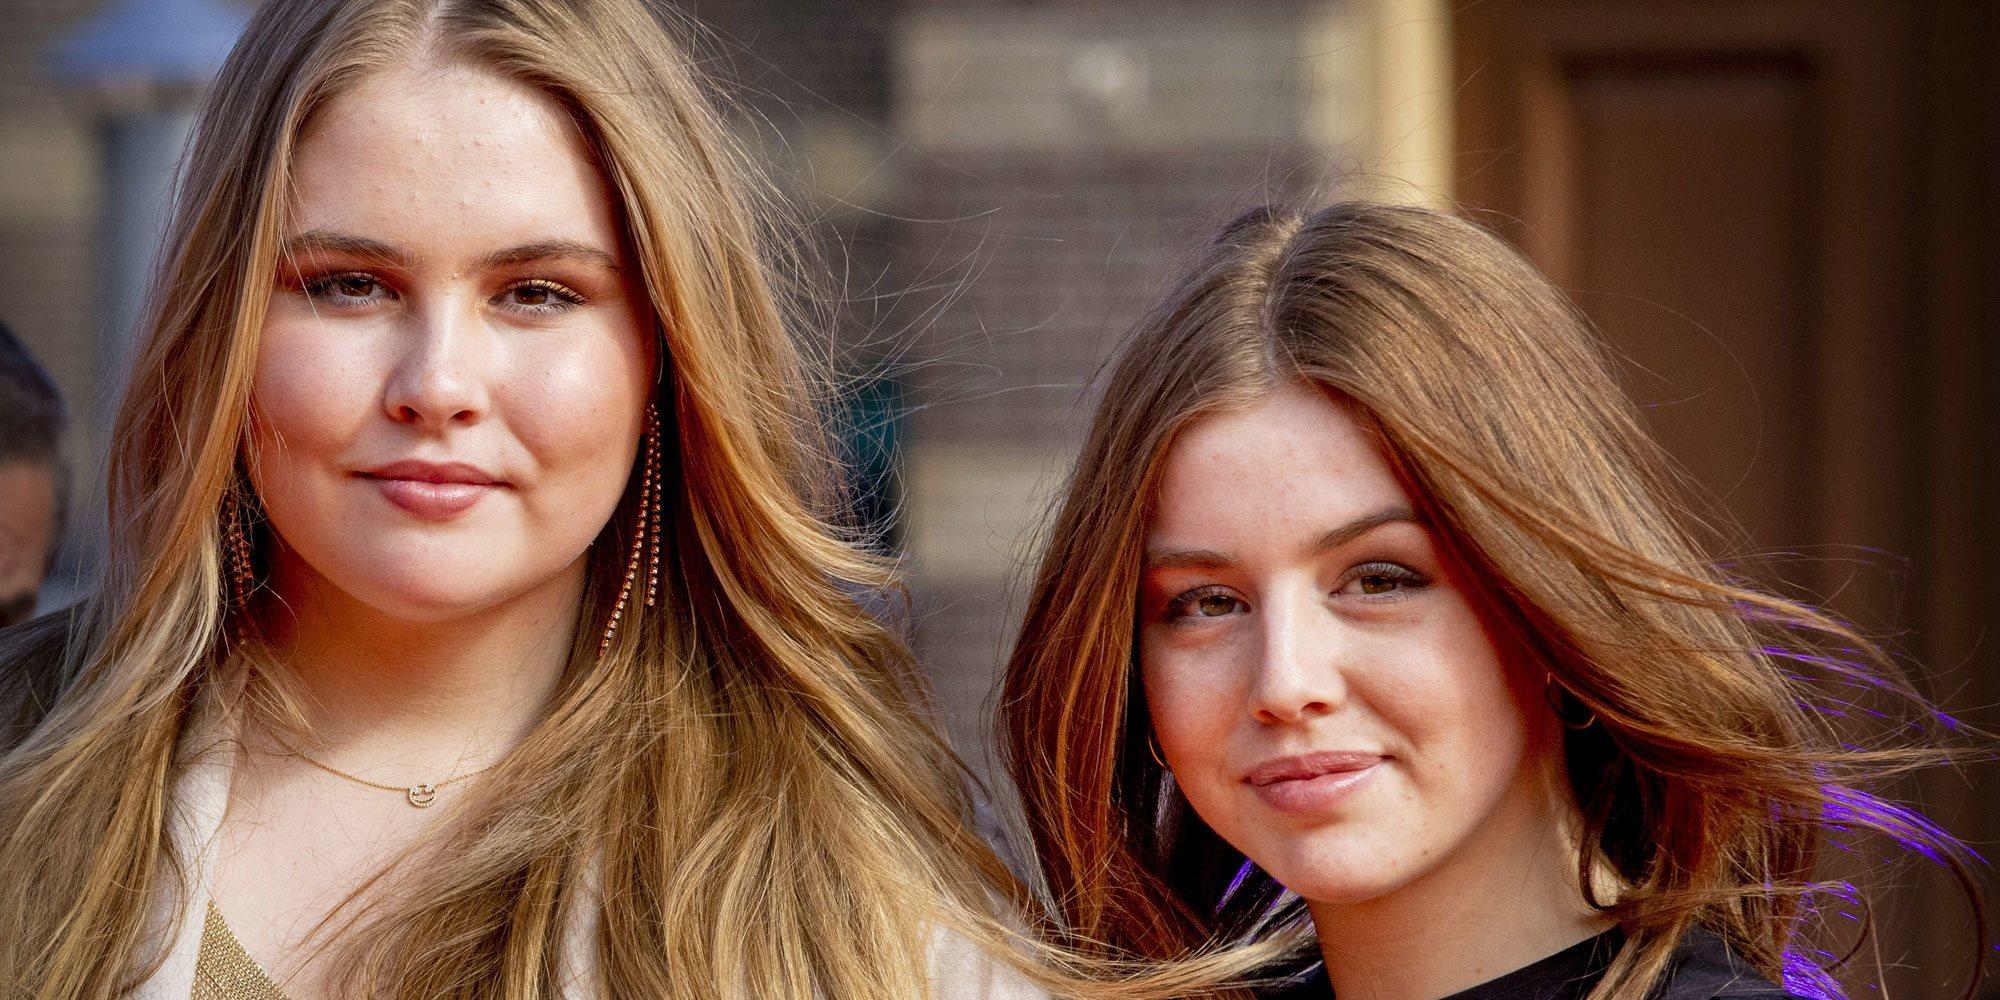 Amalia de Holanda y Alexia de Holanda hablan de sus planes de futuro